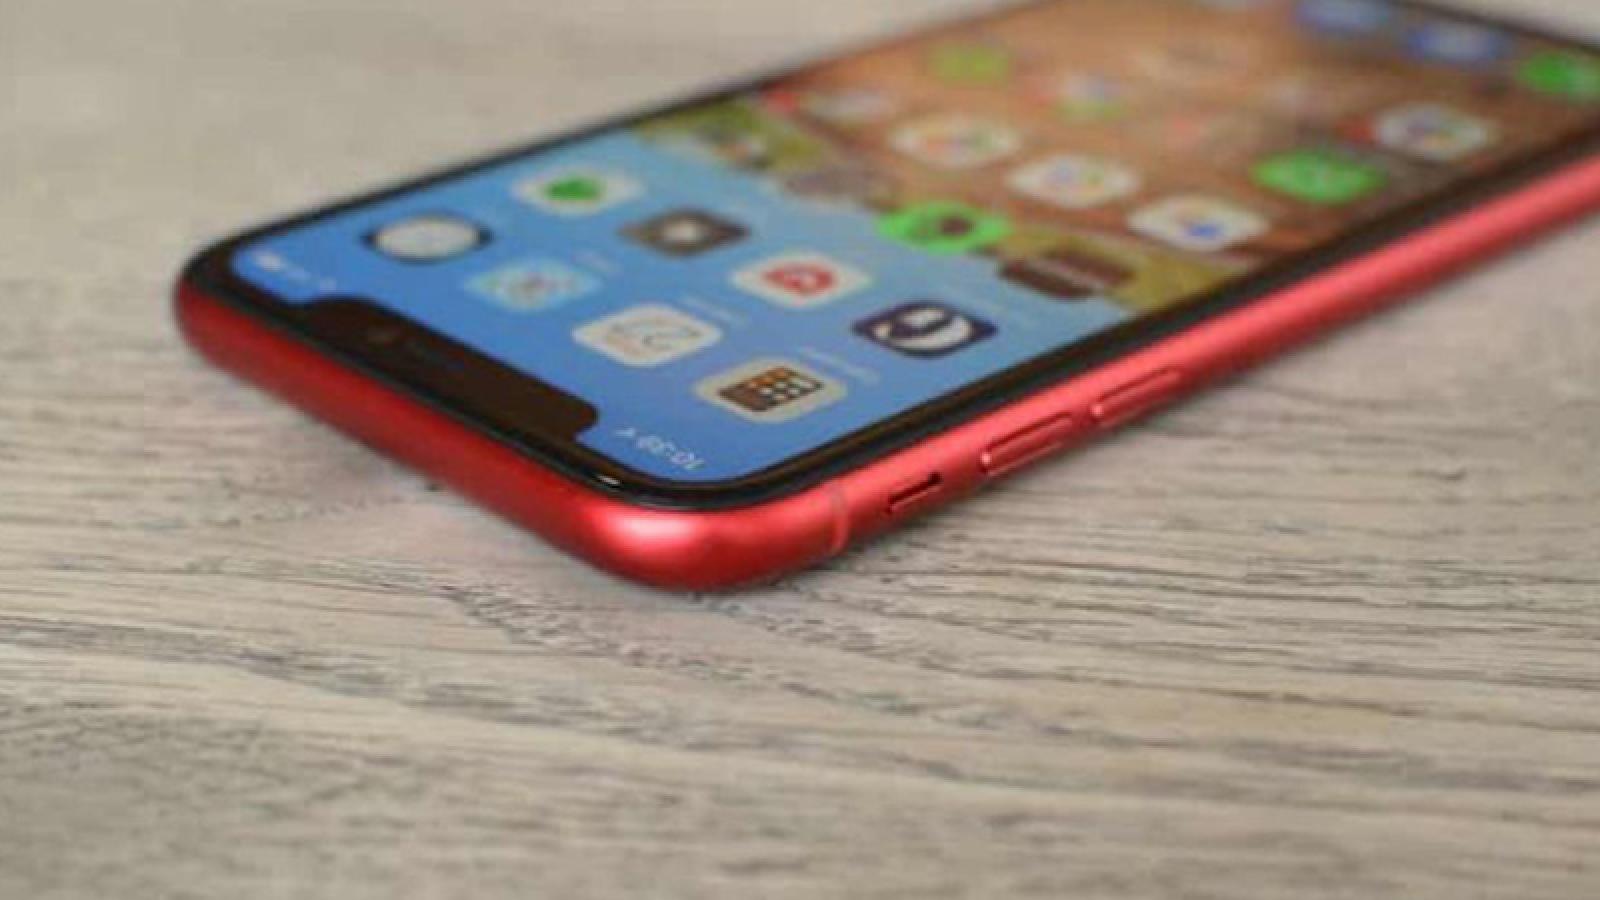 Người Việt sắp được mua iPhone 11 VN/A mới với giá chưa đến 14 triệu đồng